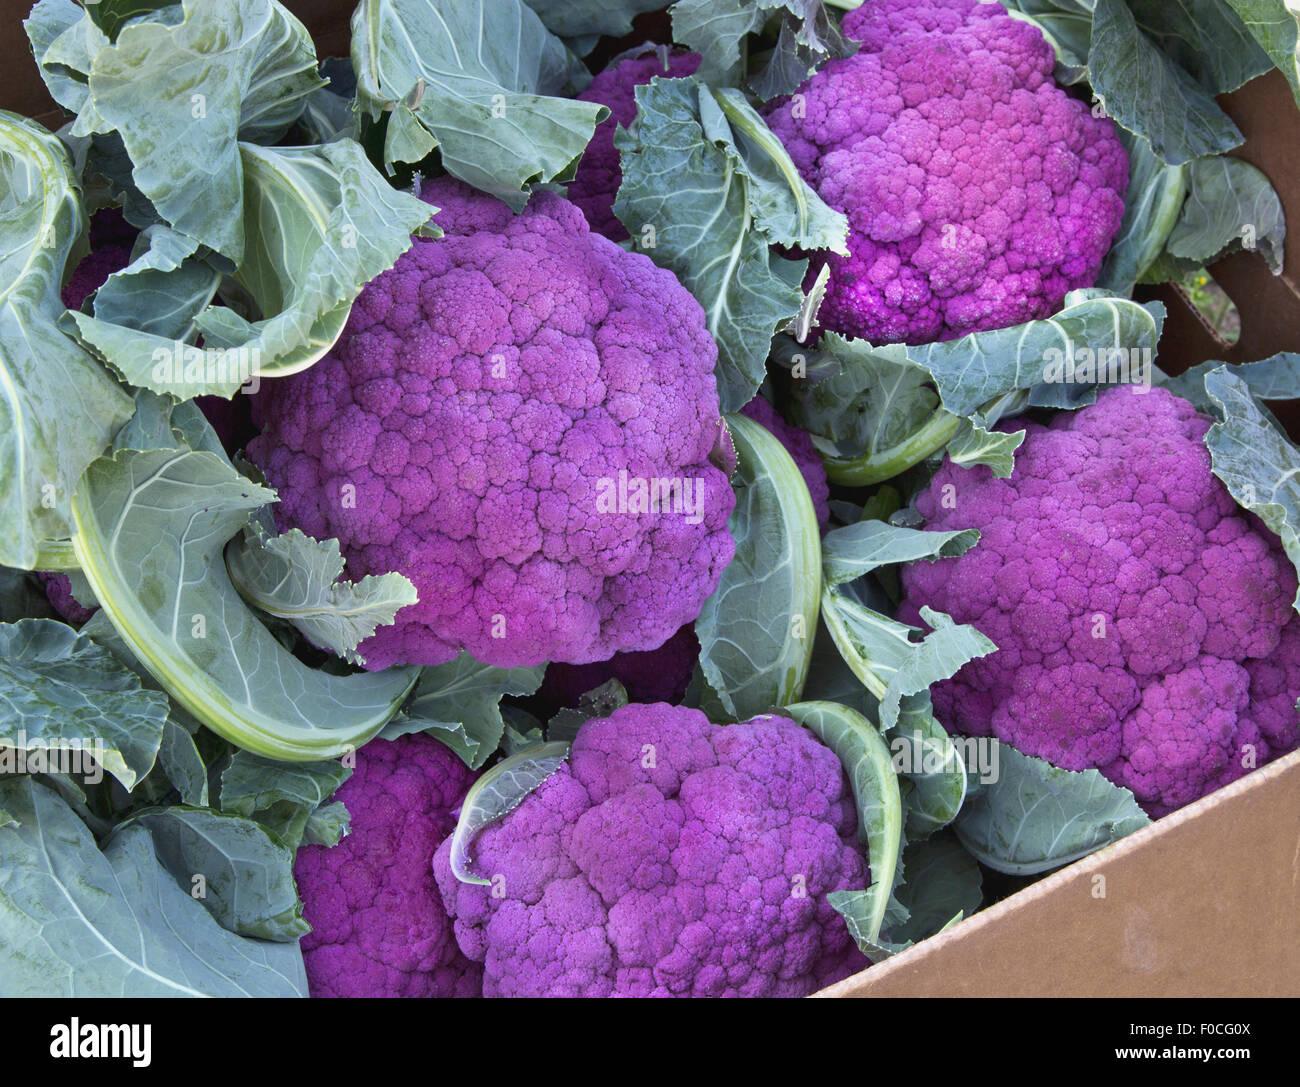 Purple Cauliflower in packing box. - Stock Image